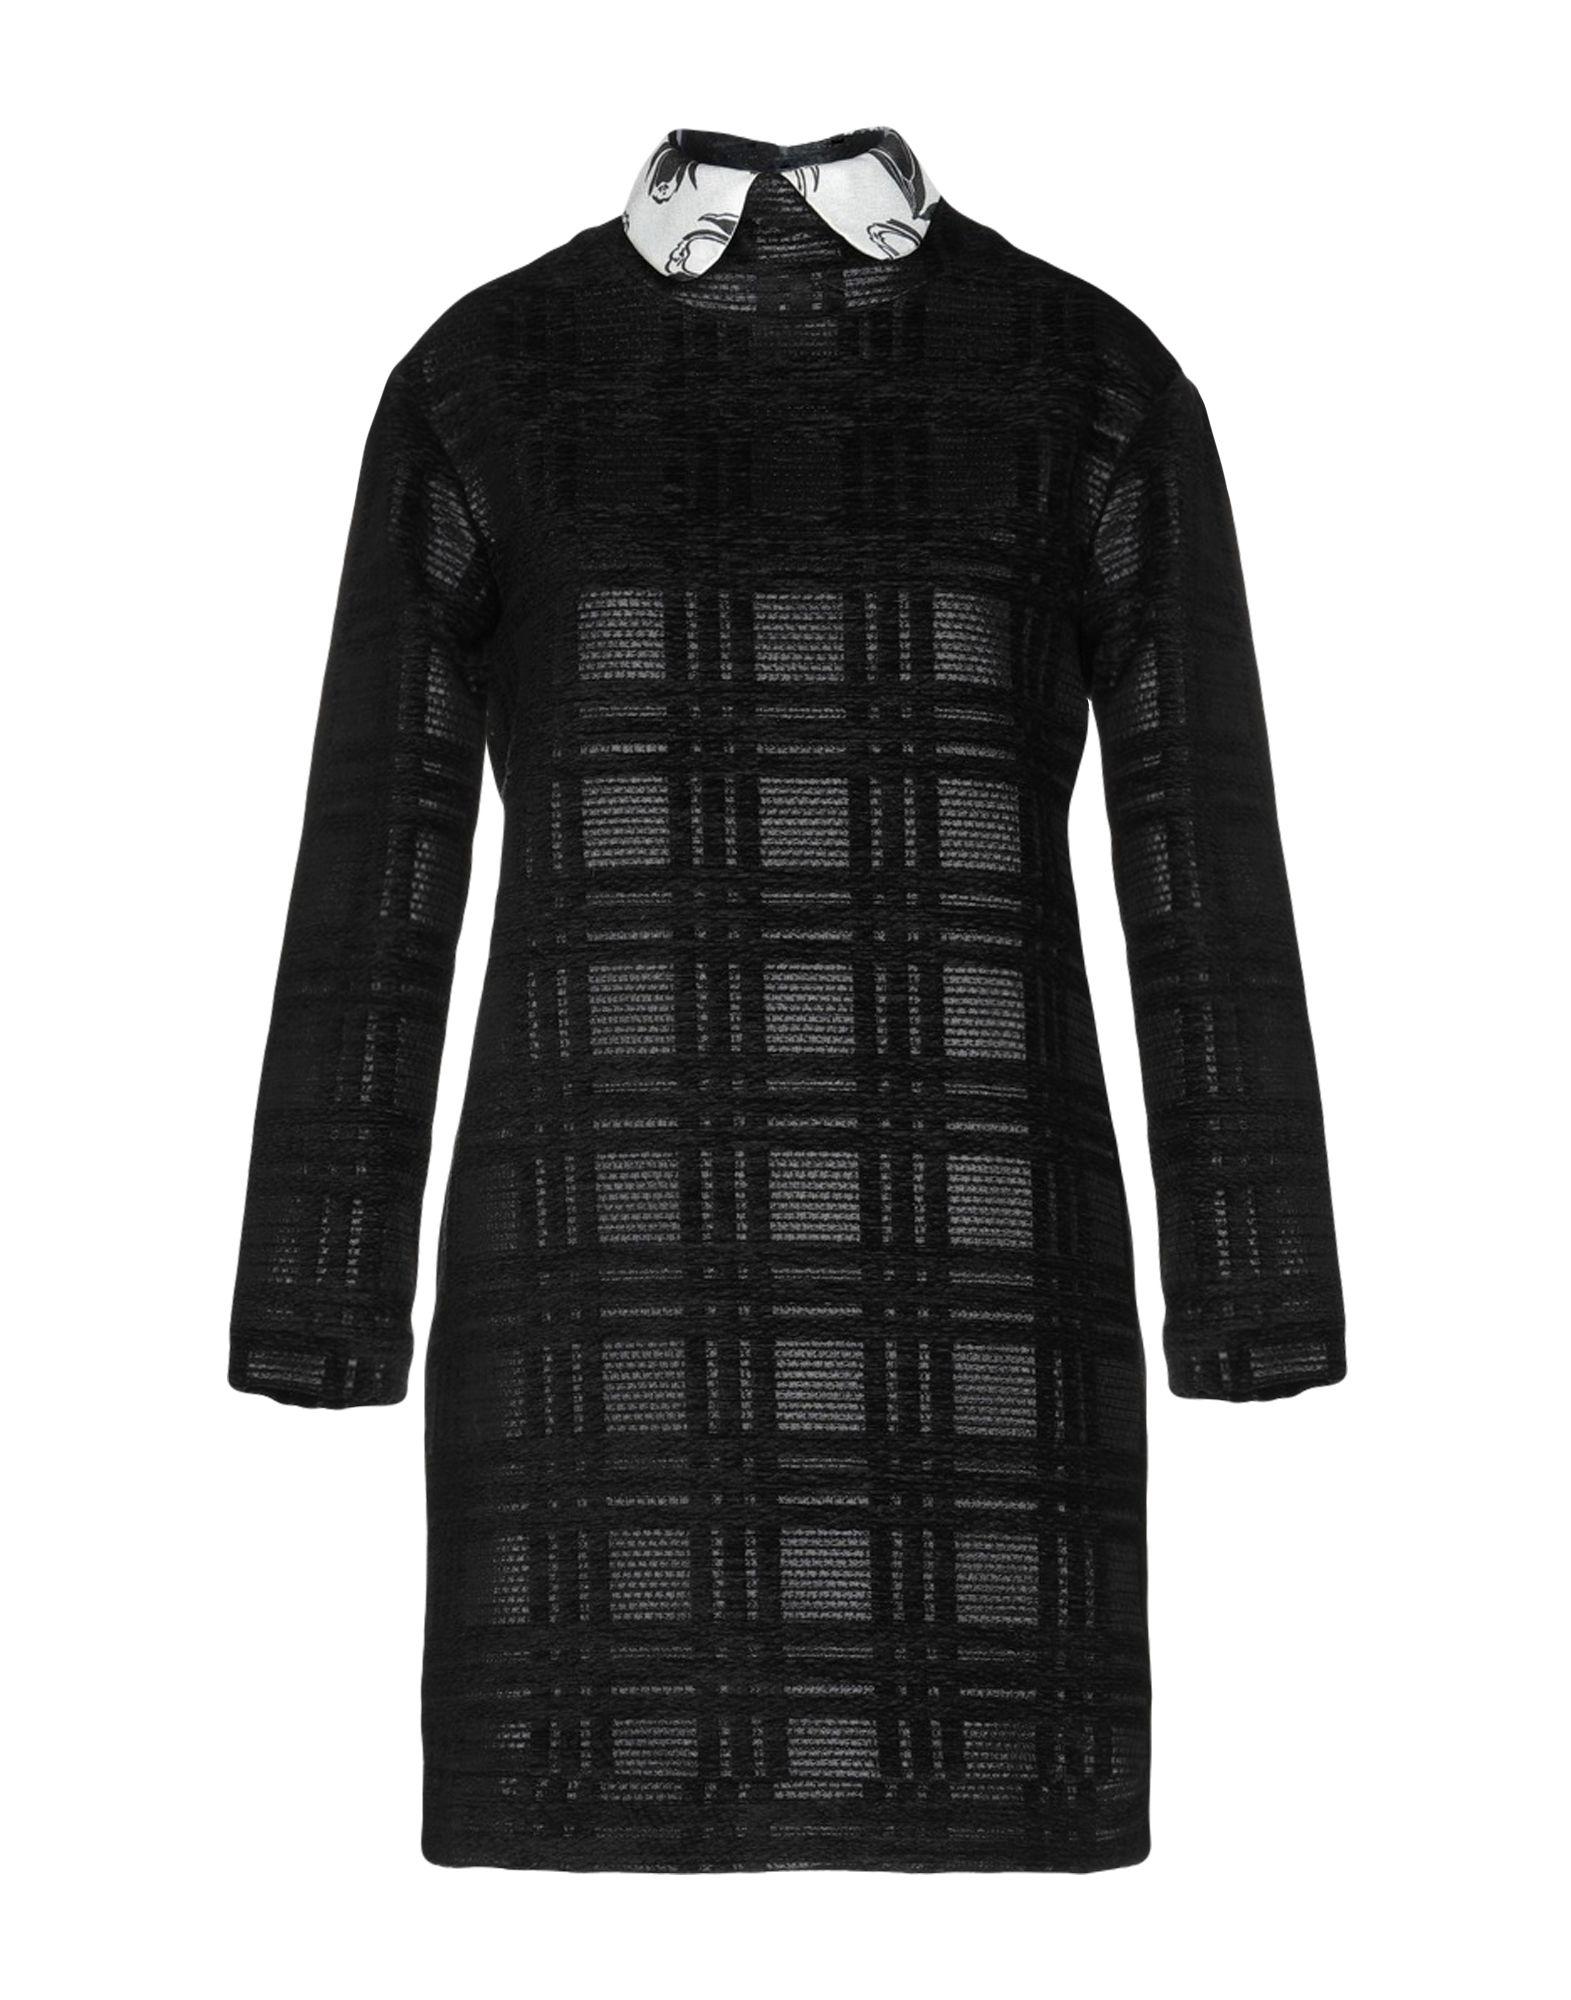 MOSCA | MOSCA Short dresses 34882641 | Goxip